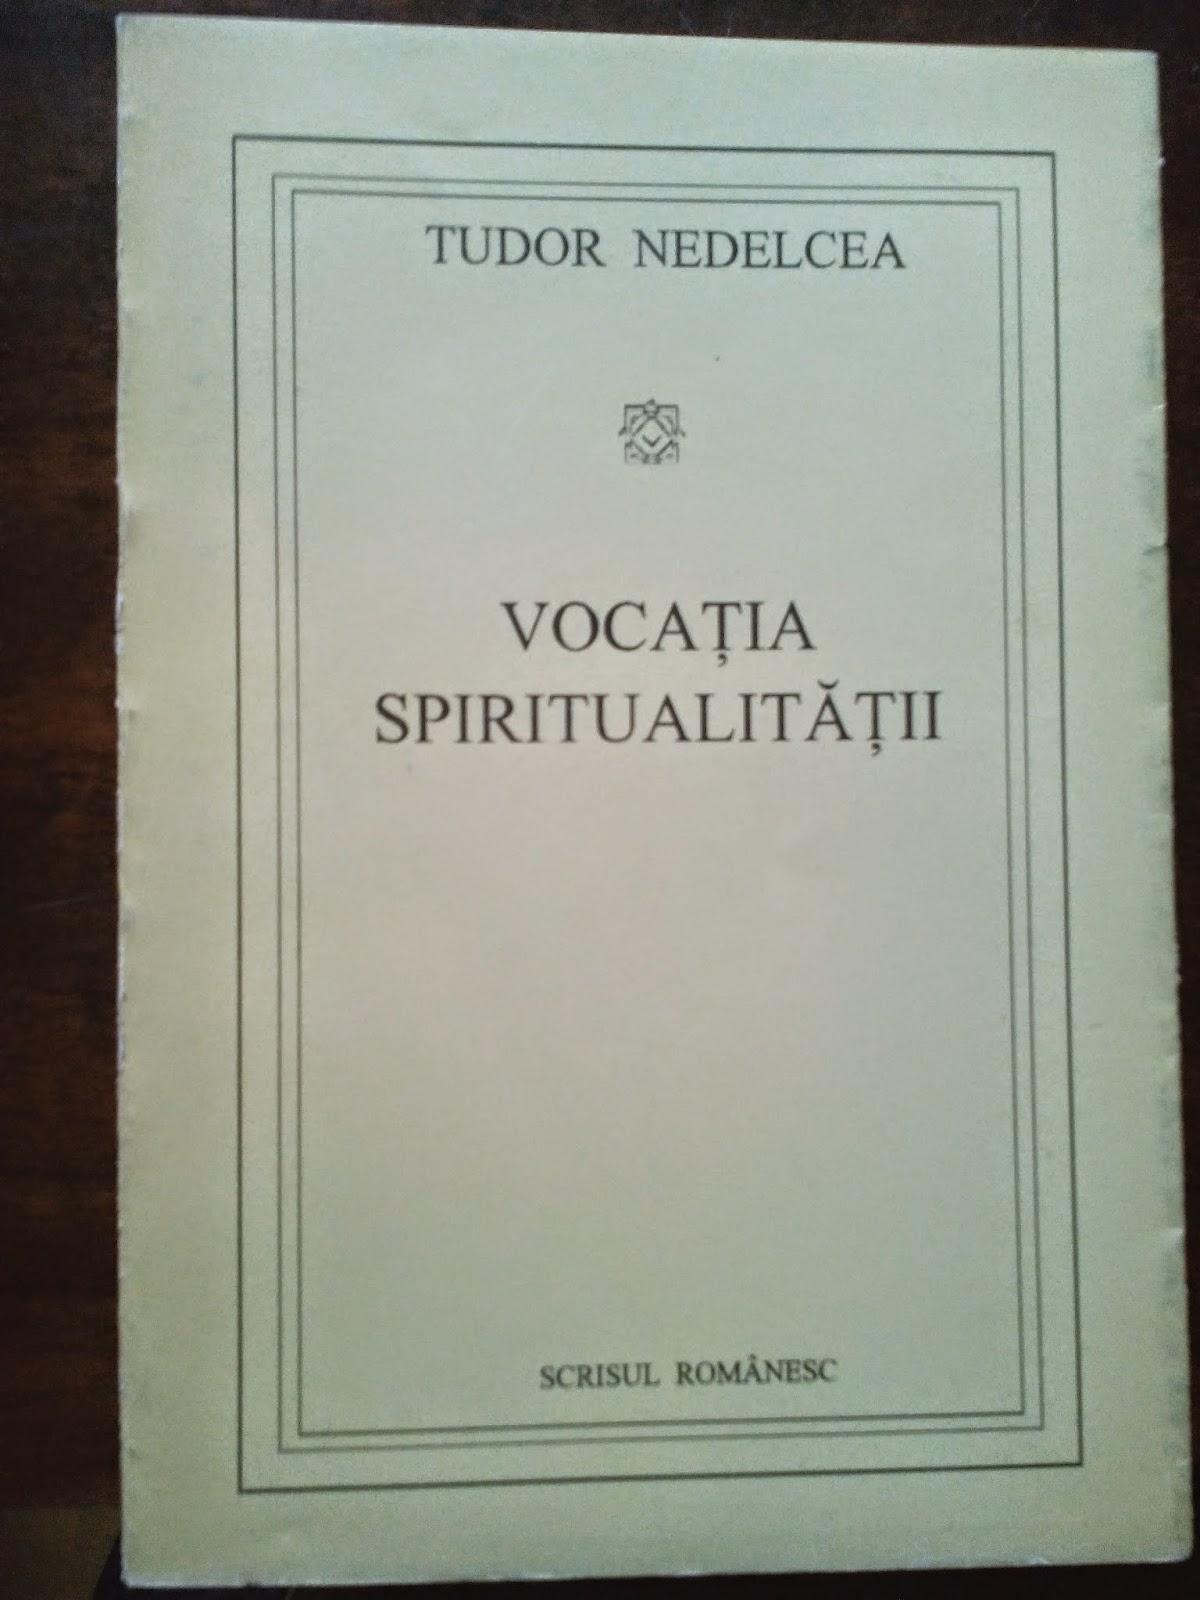 Tudor Nedelcea - Vocatia spiritualitatii